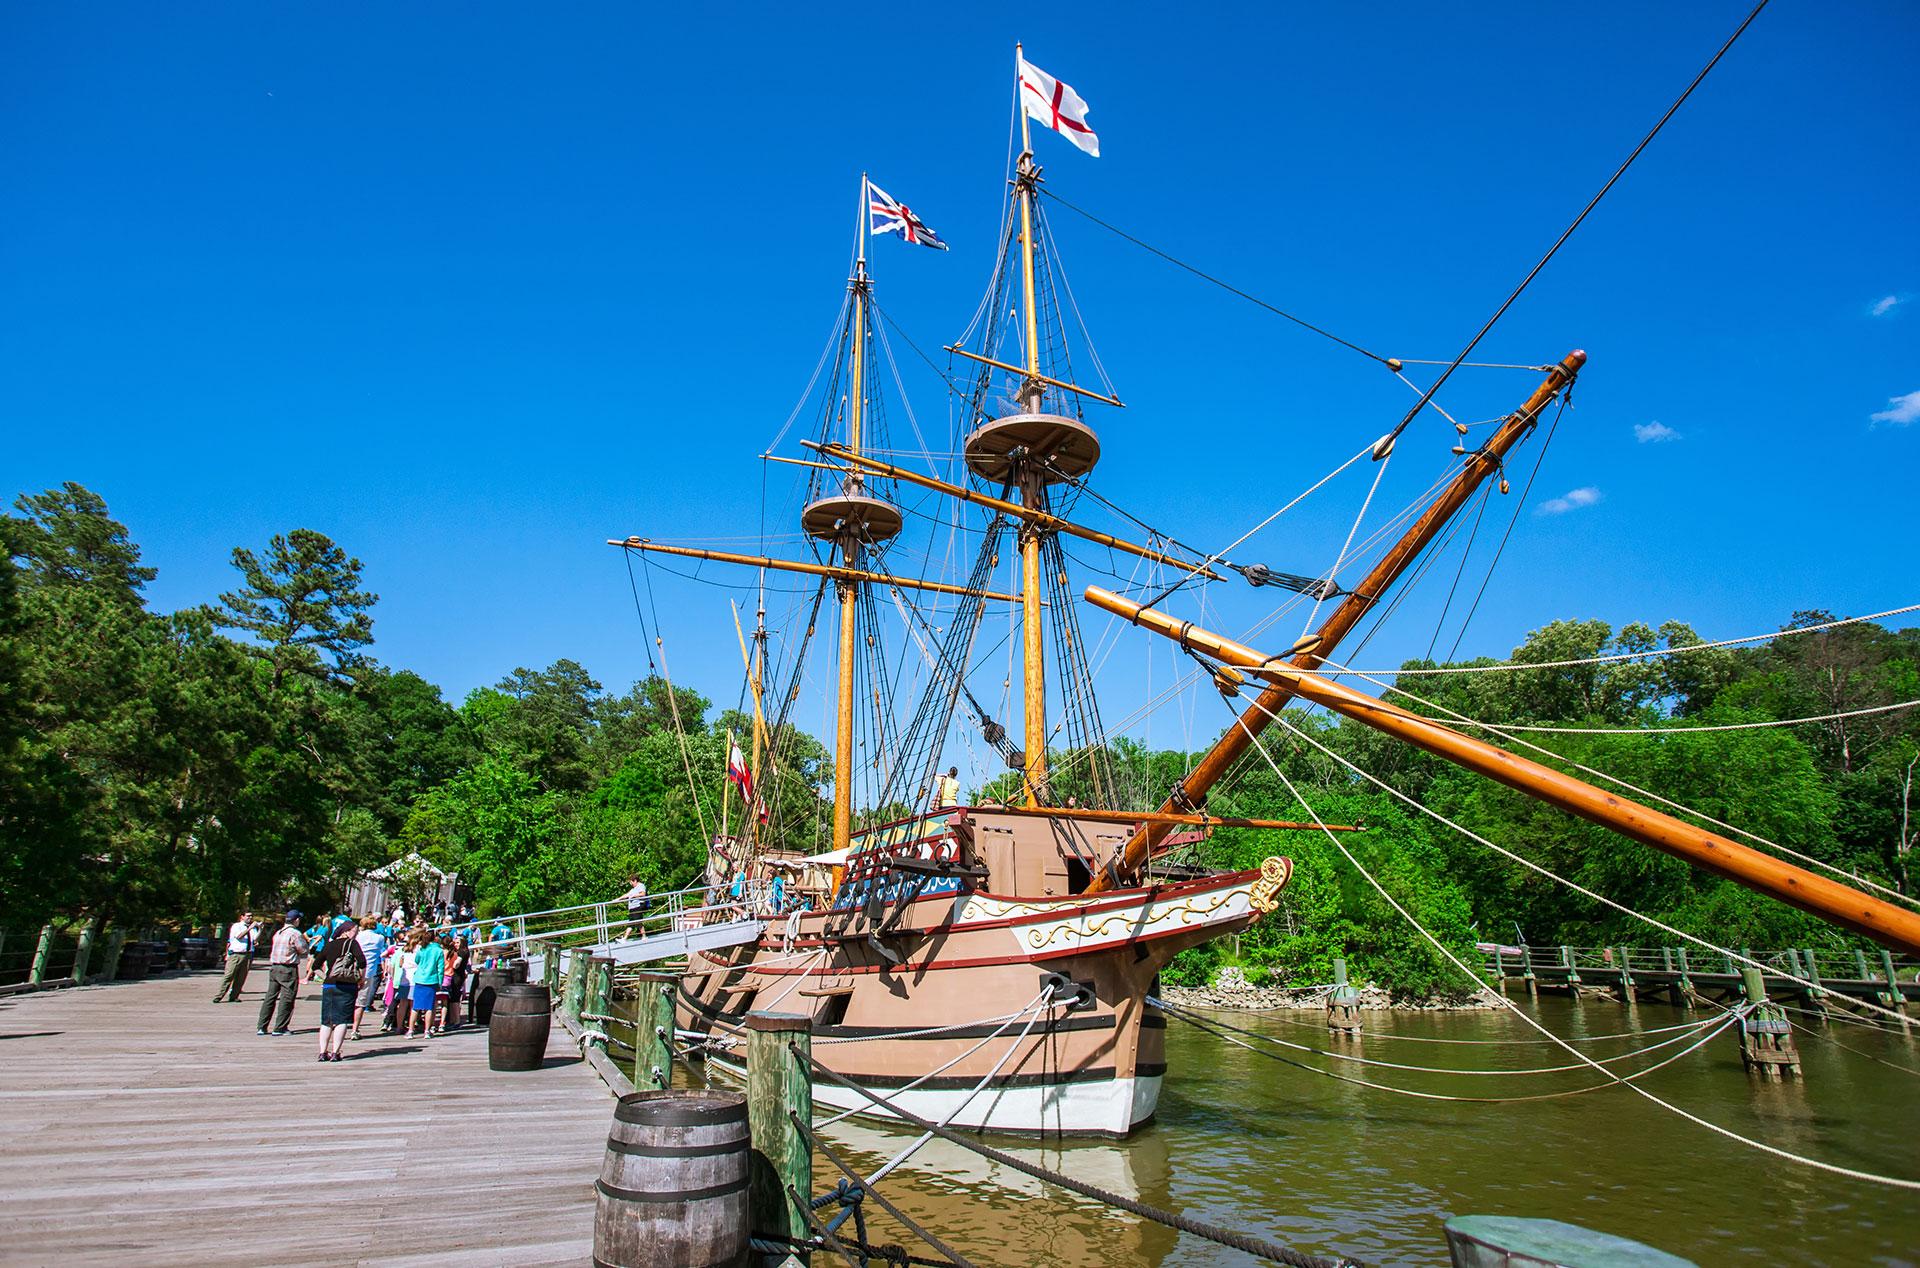 Jamestown Settlement; Courtesy of Travel Stock/Shutterstock.com